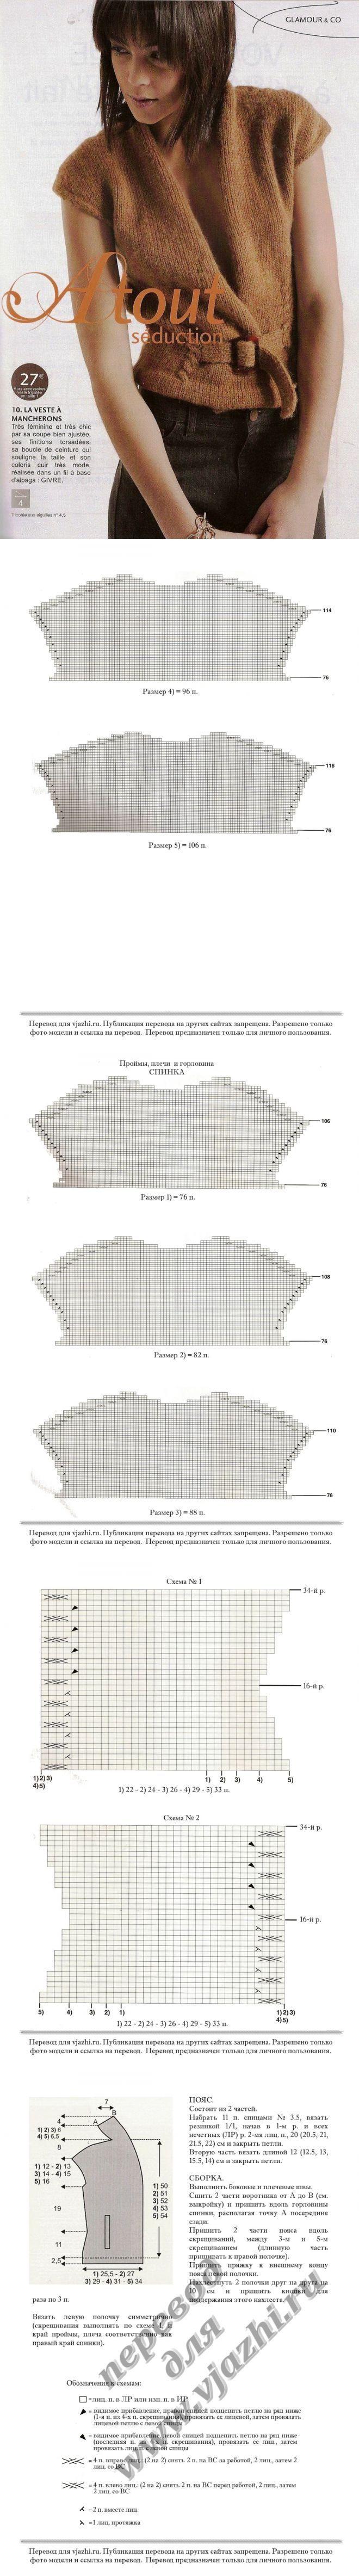 【转载】针织短袖 - 余妈妈的日志 - 网易博客 | вязание | Постила